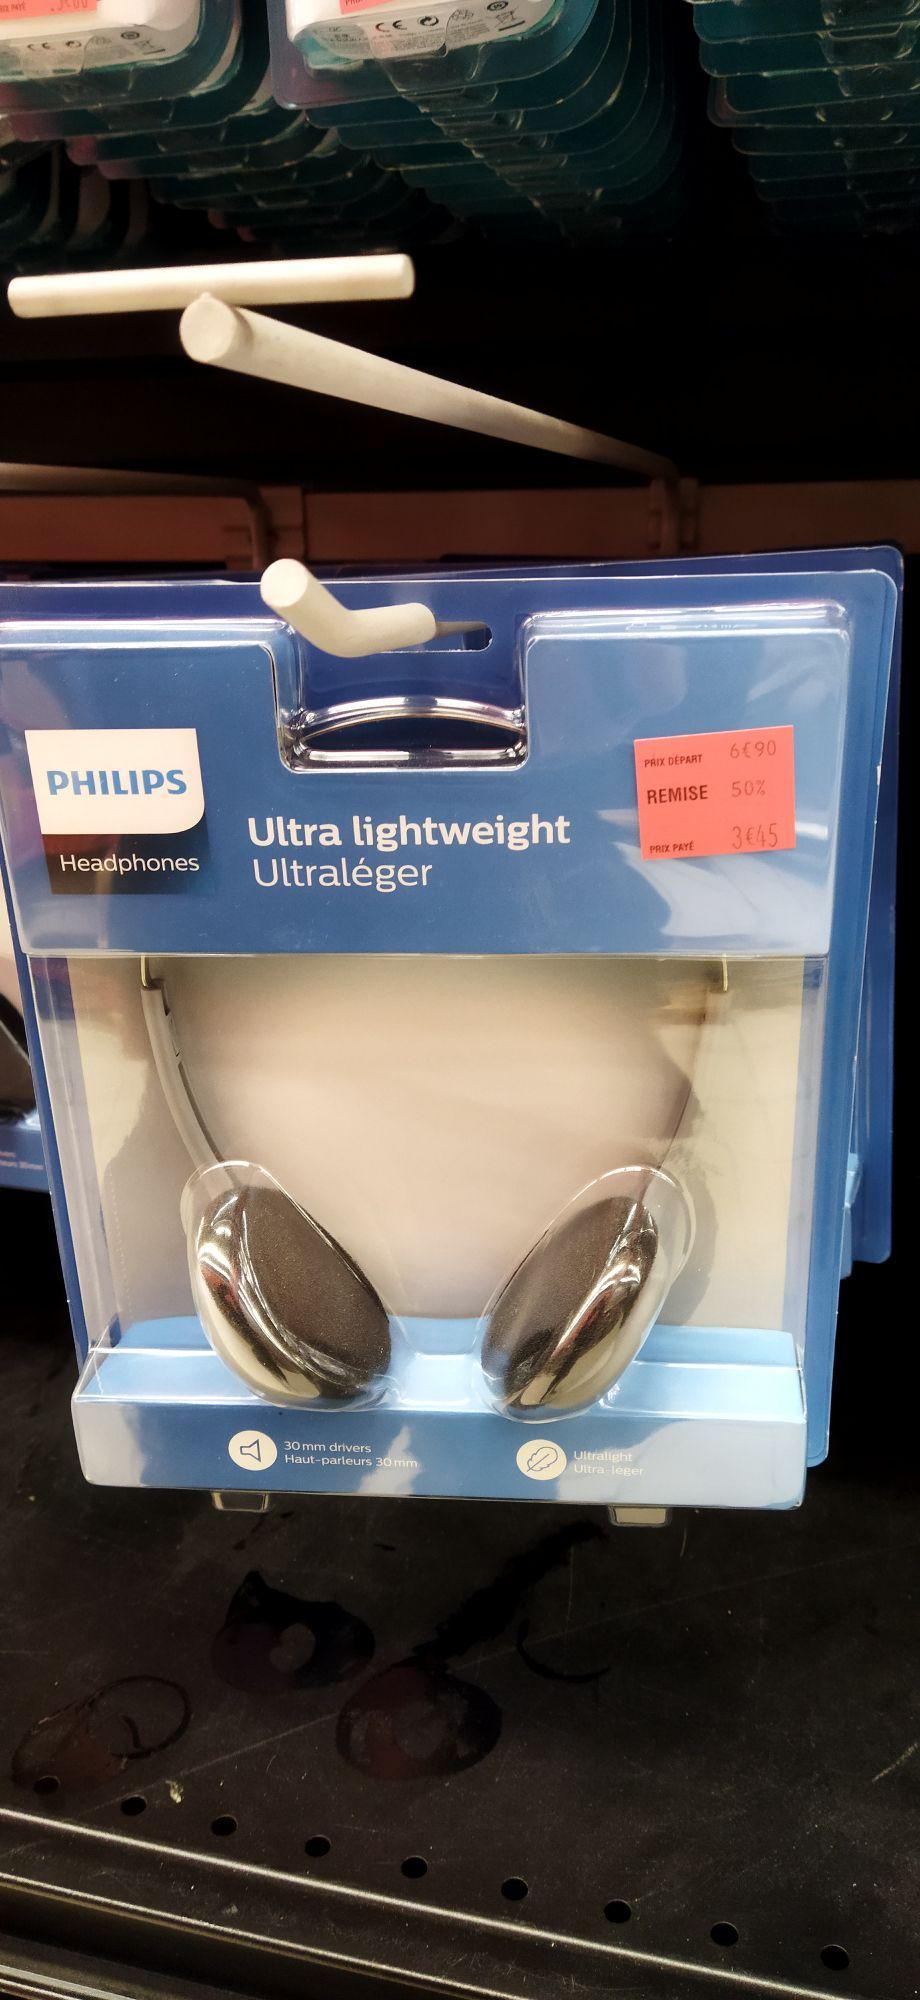 Casque audio filaire Philips Headphones Ultra Lightweight - Vaulx en Velin (69)